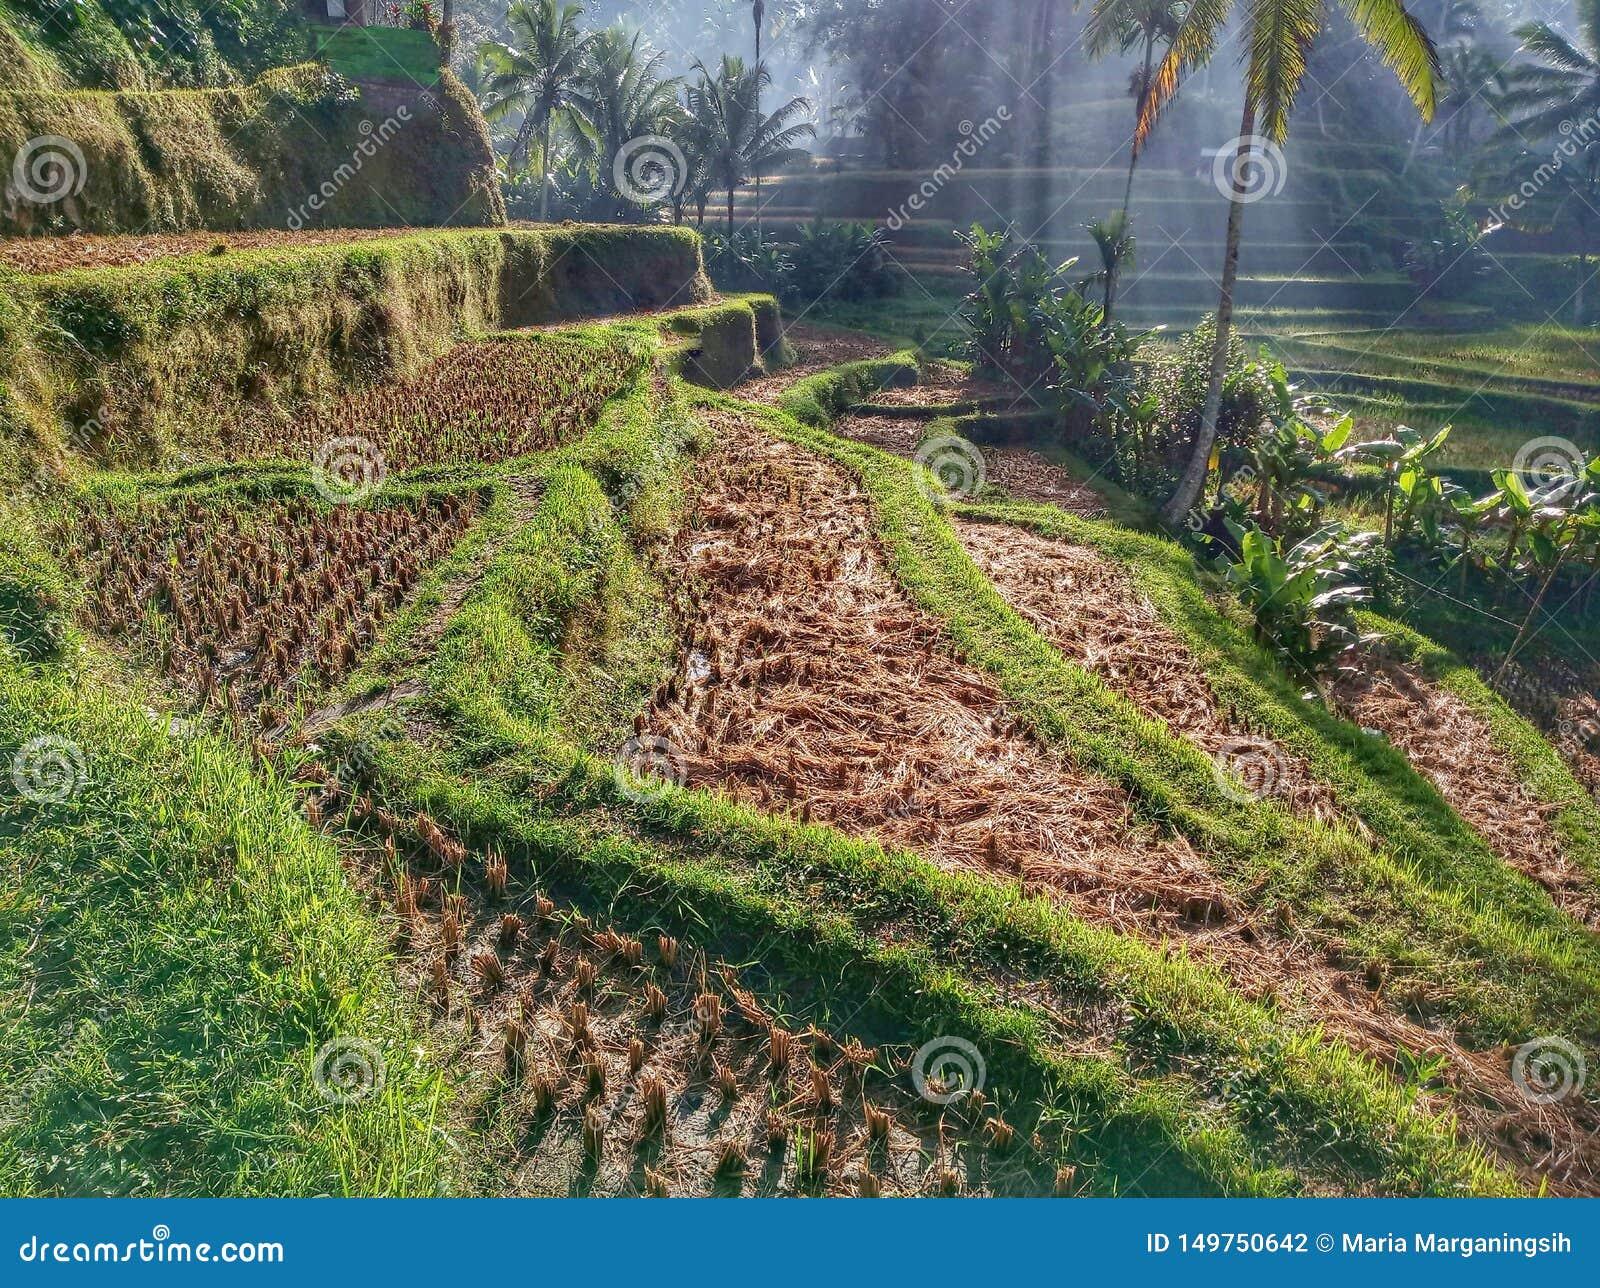 Beautiful Rice terrace morning scenery, Tegalalang , Ubud, Bali